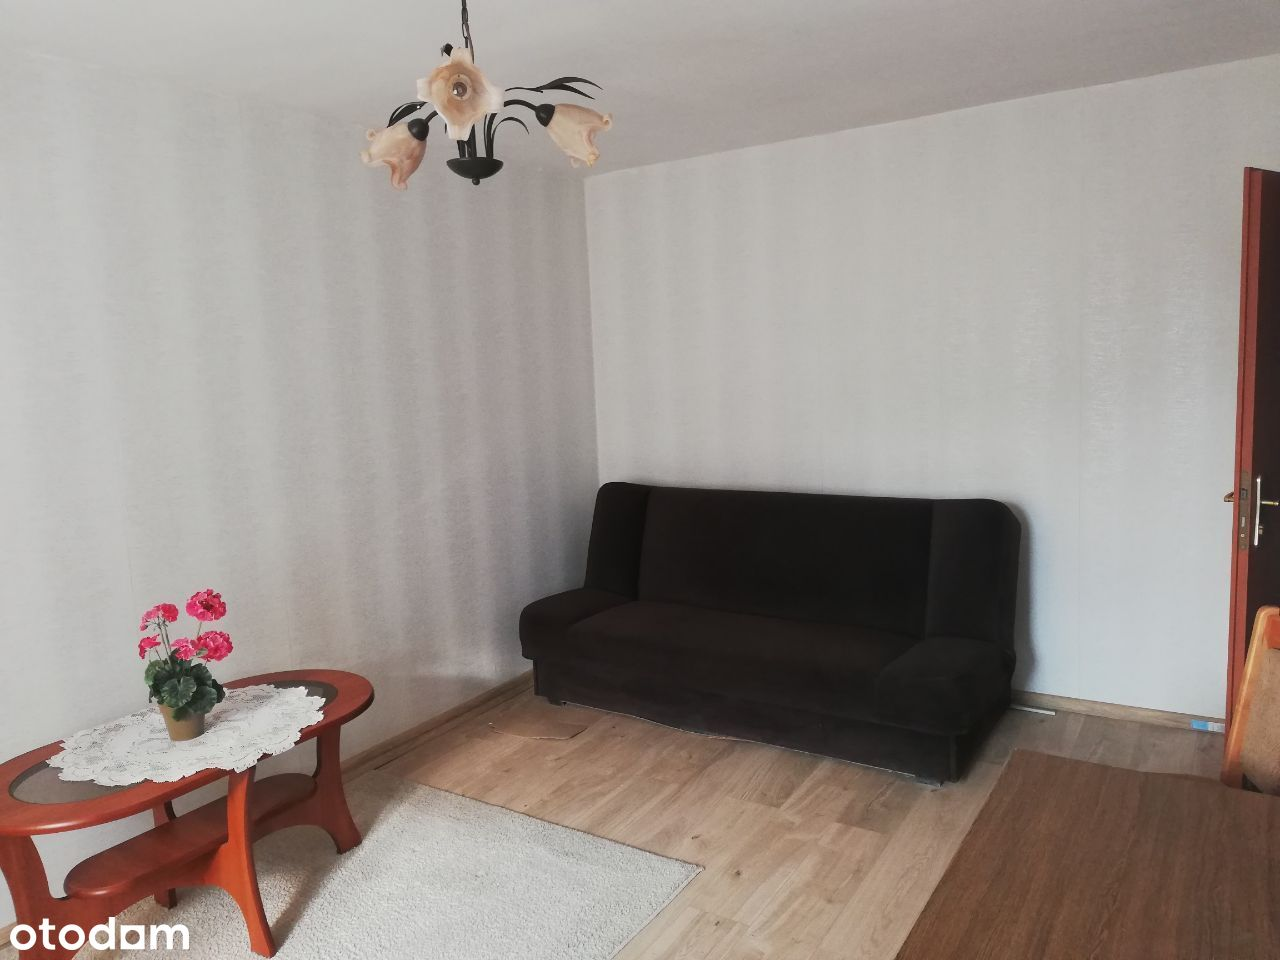 Mieszkanie 27m2, po remoncie, ciepłe